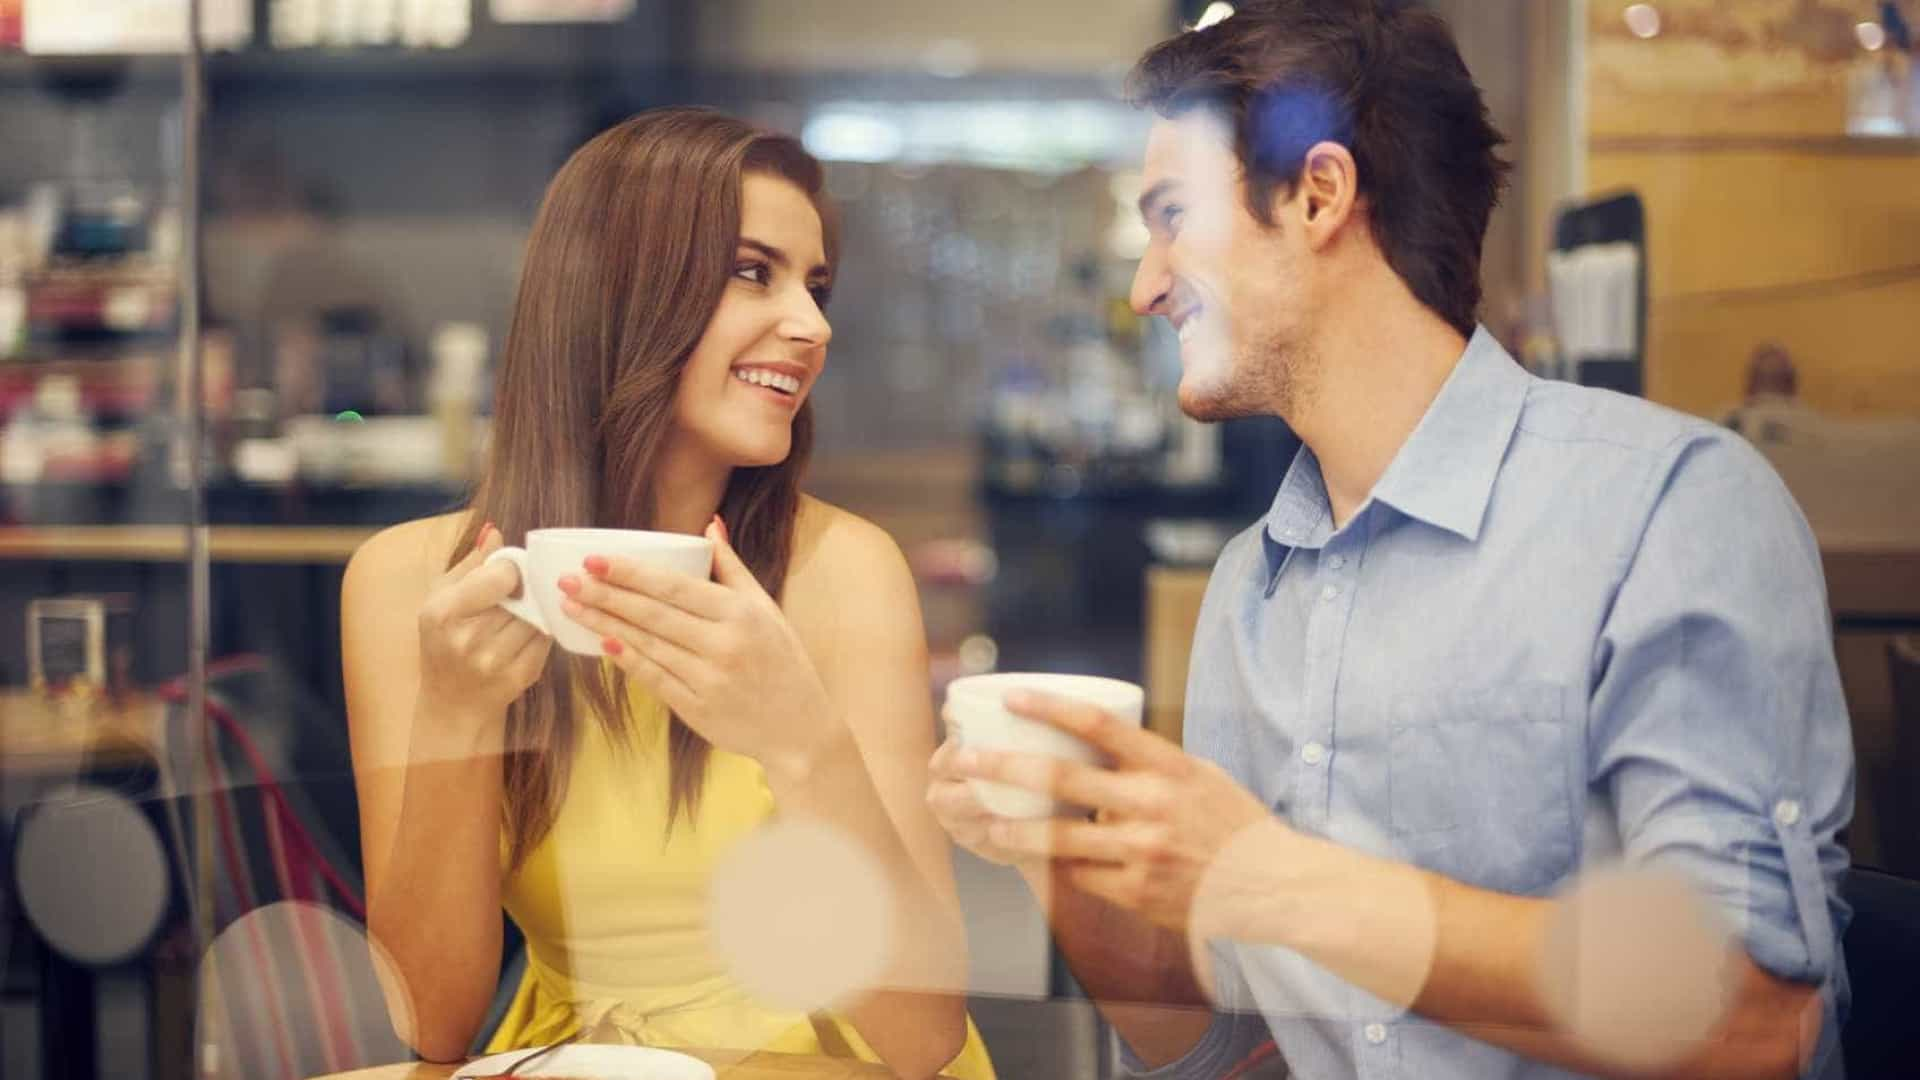 convivio portimao rede social encontros